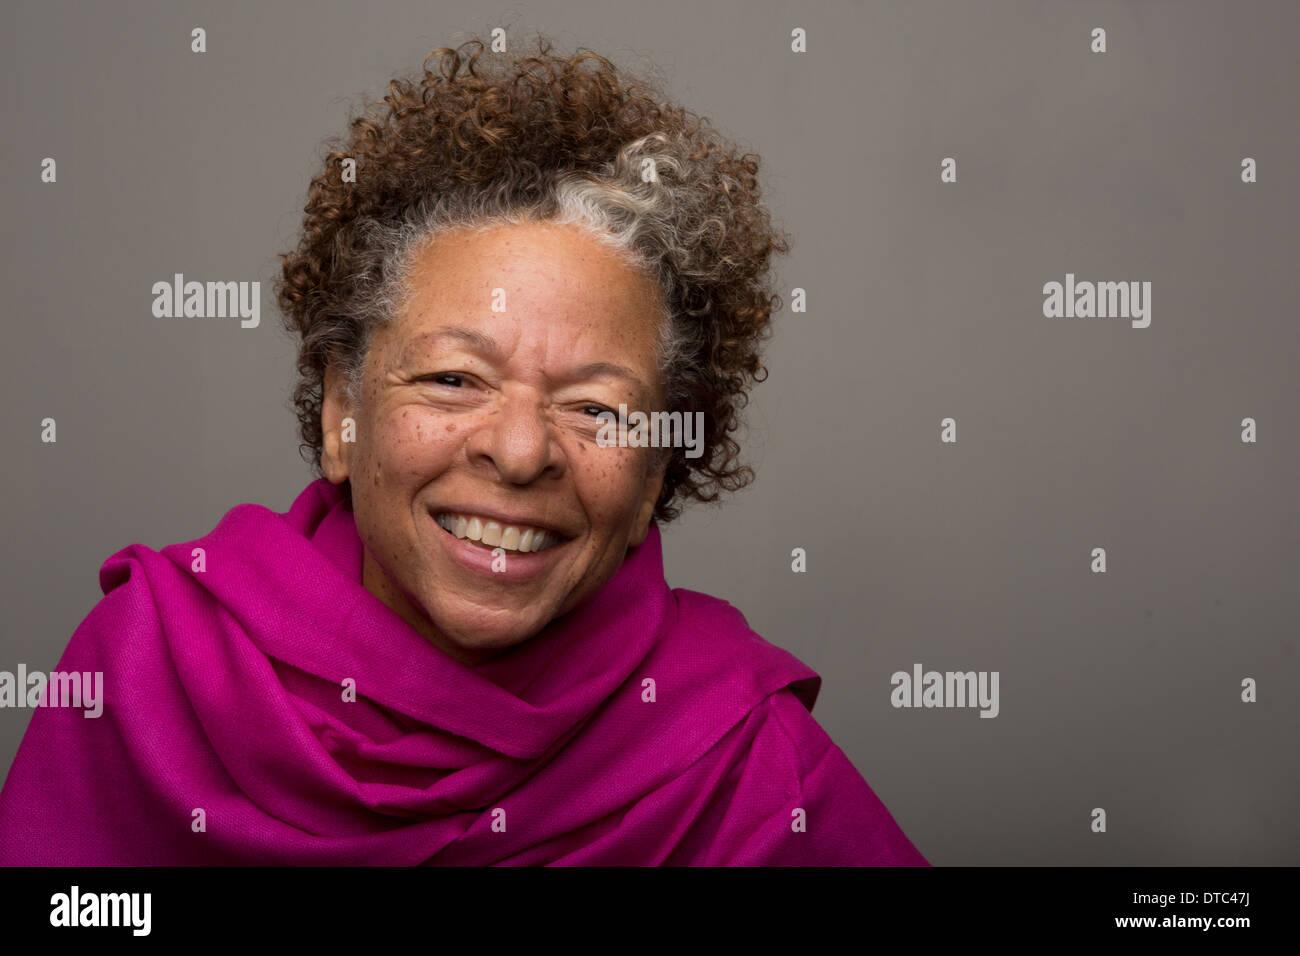 Ritratto in studio di Felice senior donna in rosa scialle Immagini Stock